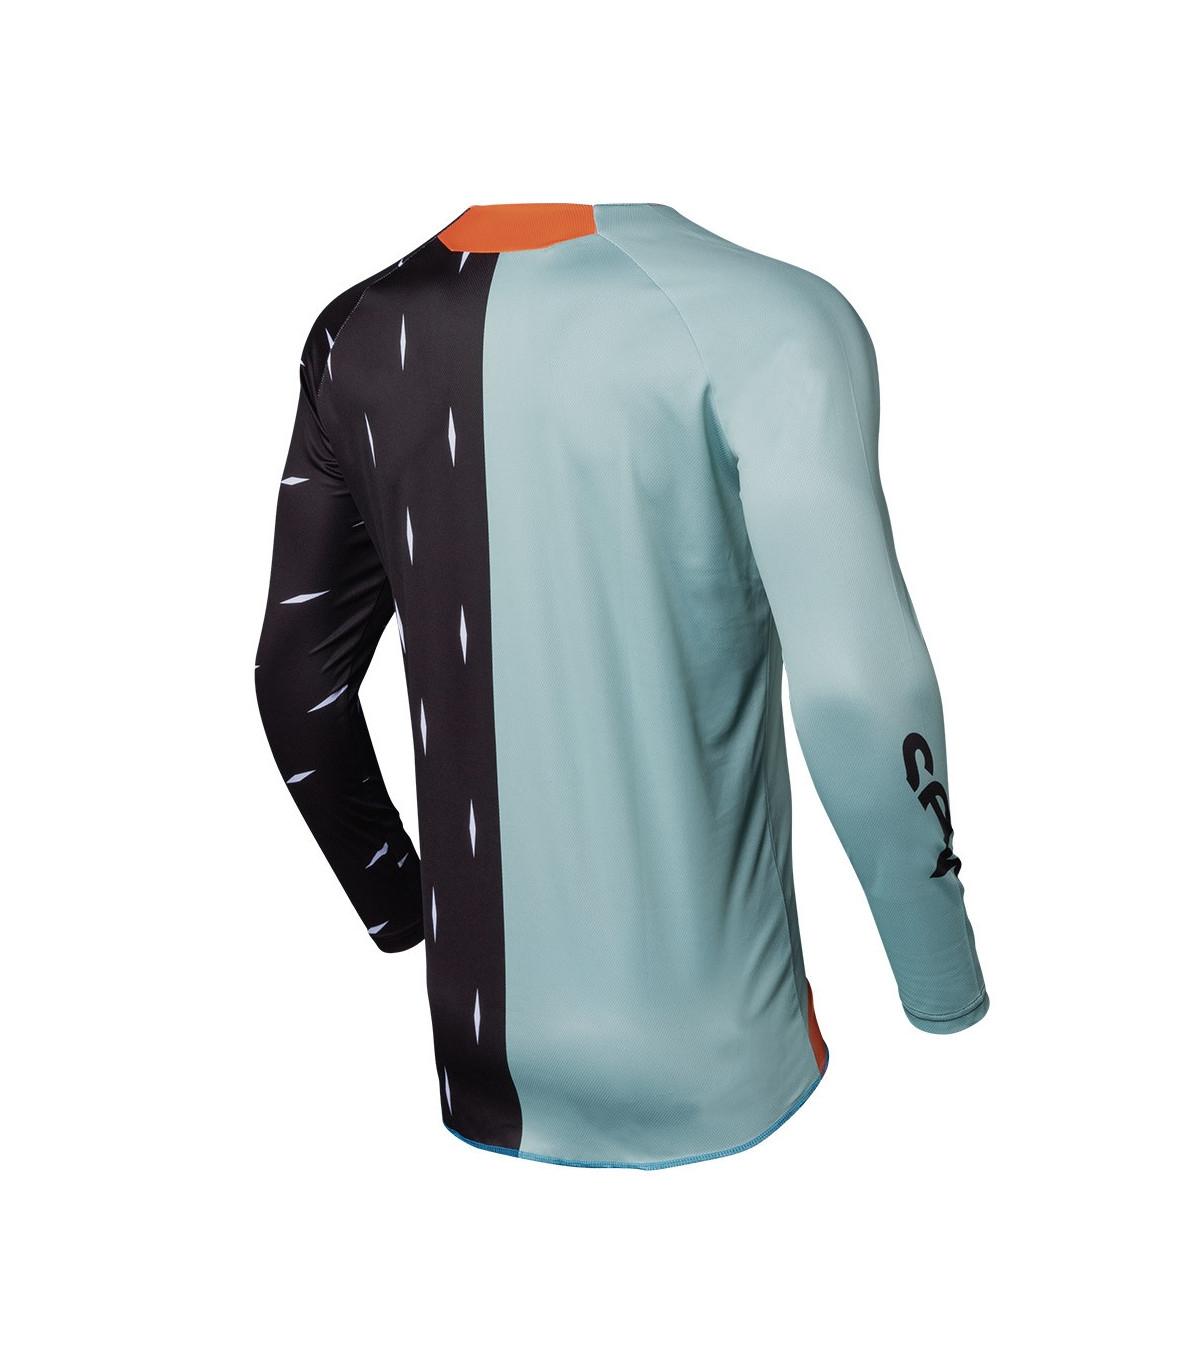 Completo cross Seven ANNEX BORTZ PASTE 2020 pantaloni+maglia 3